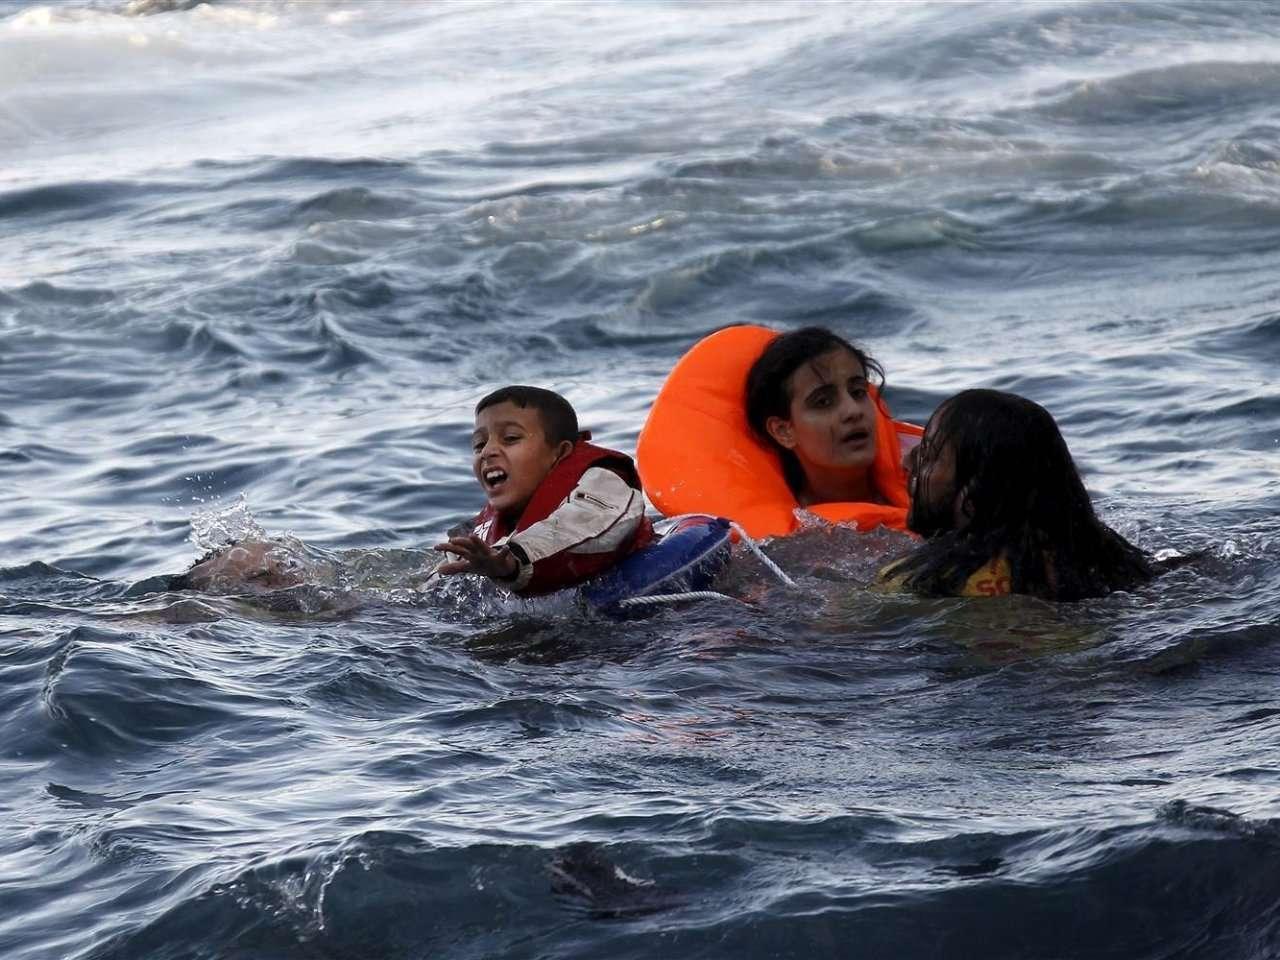 الأورومتوسطي يطالب الاتحاد الأوروبي بتفعيل مهام الإنقاذ الرسمية عقب فقدان عشرات المهاجرين في البحر المتوسط